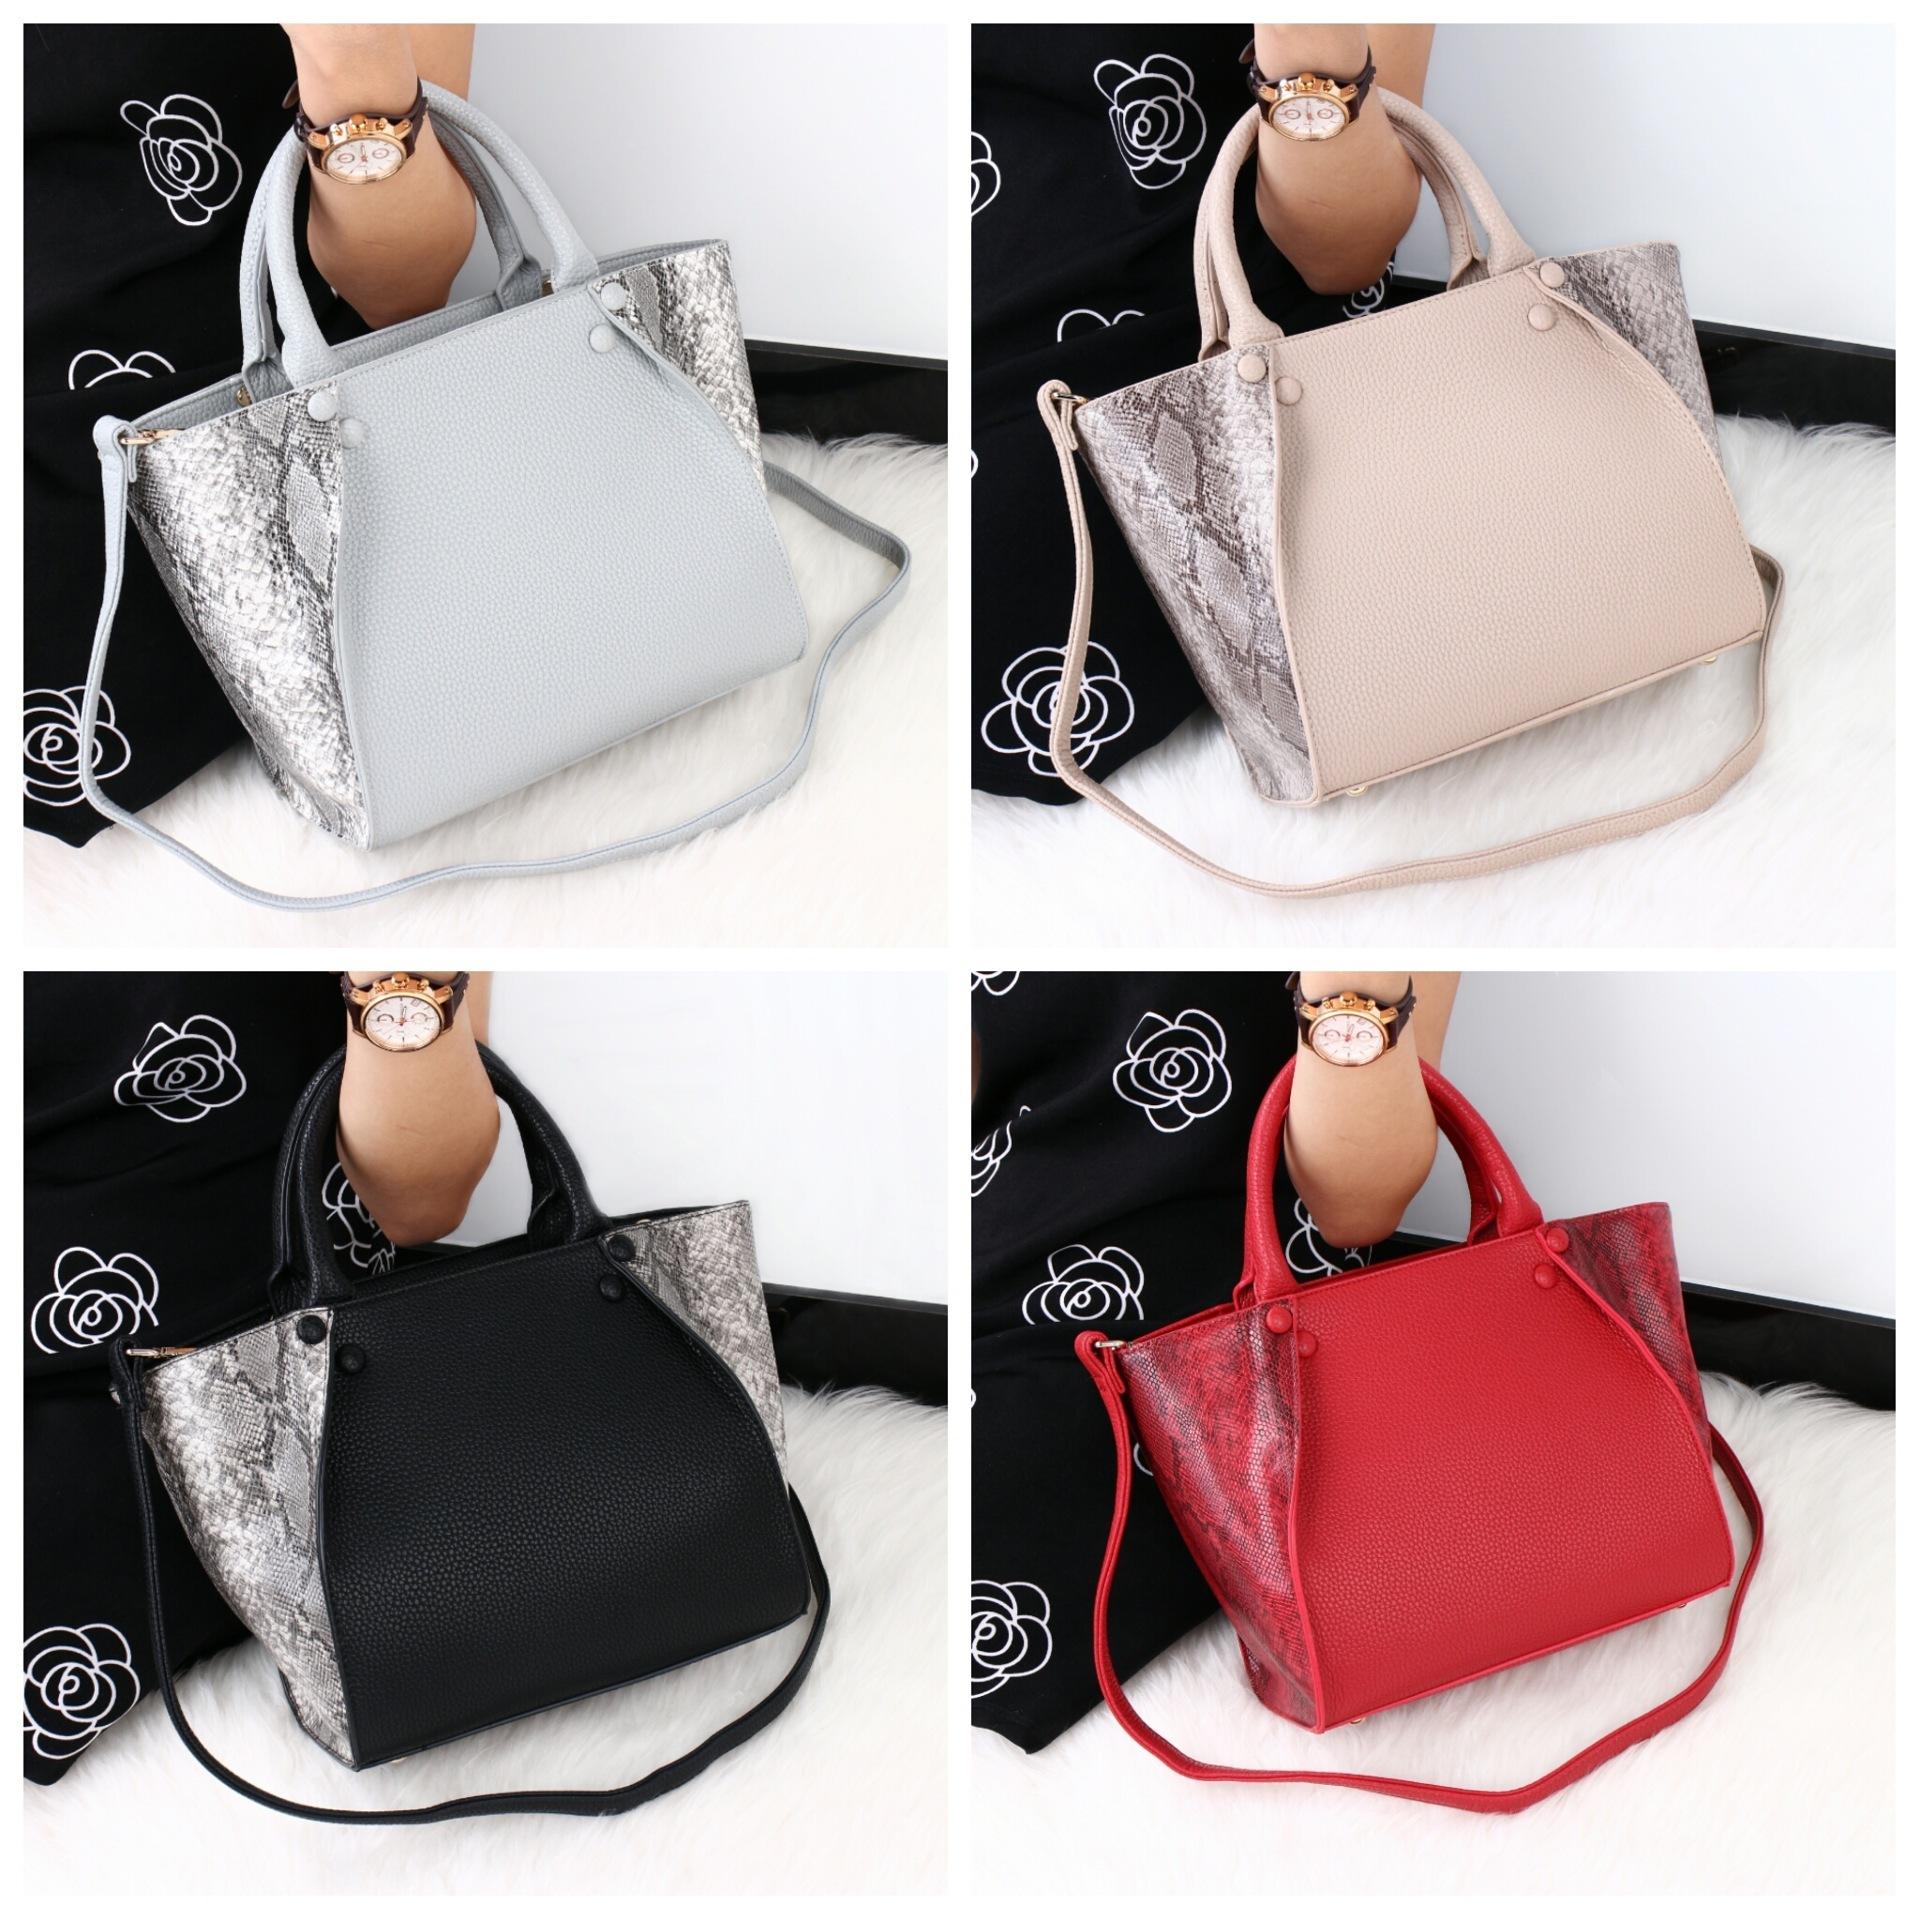 Jual Tas Fashion Clarrisa Handbags Tas Wanita Murah Tas Wanita Branded Ta NdP Grosir